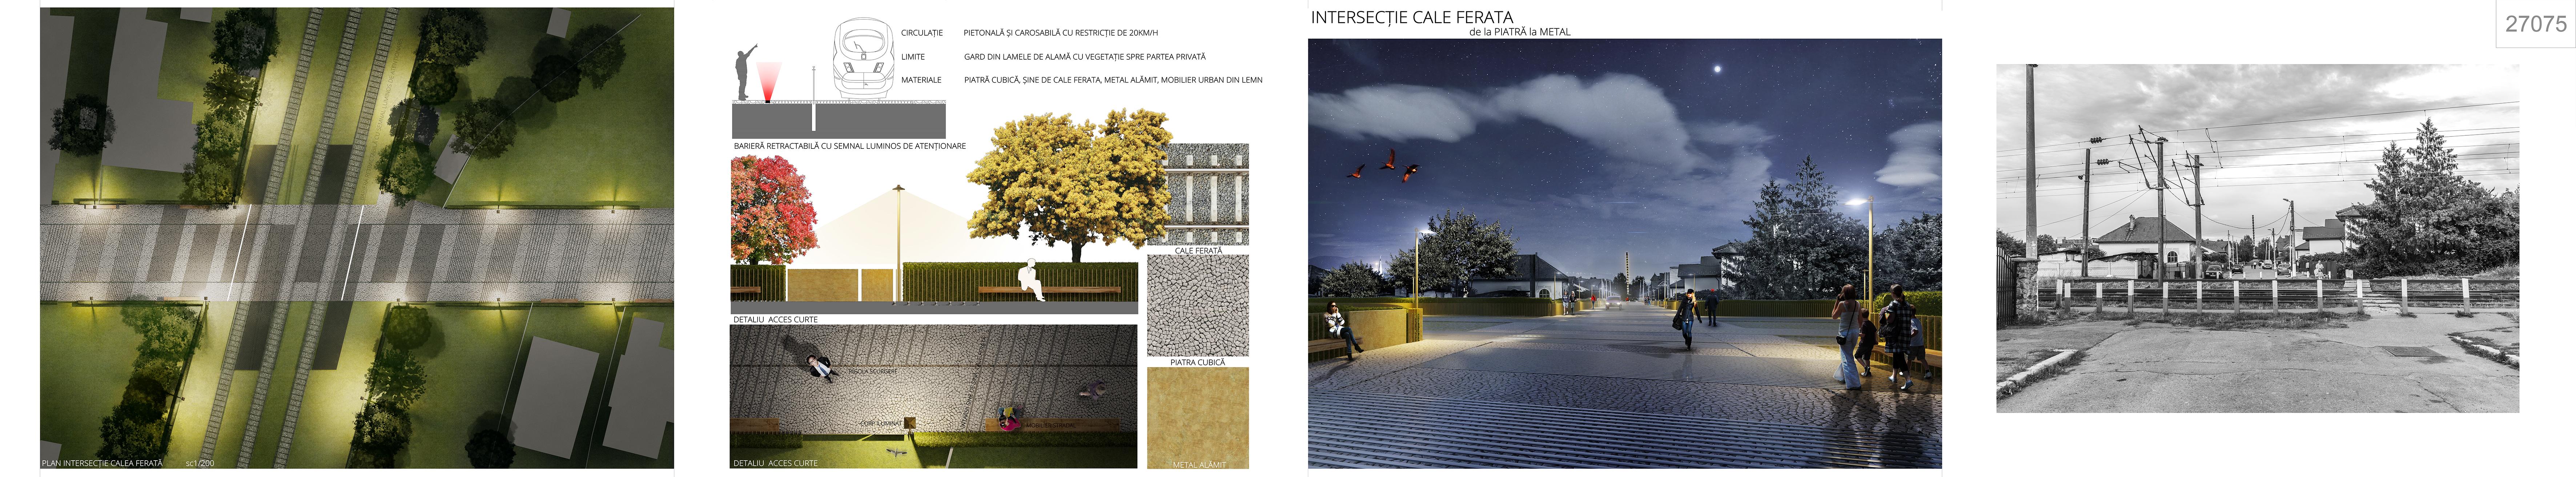 06---Intersectie-Cale-Ferata